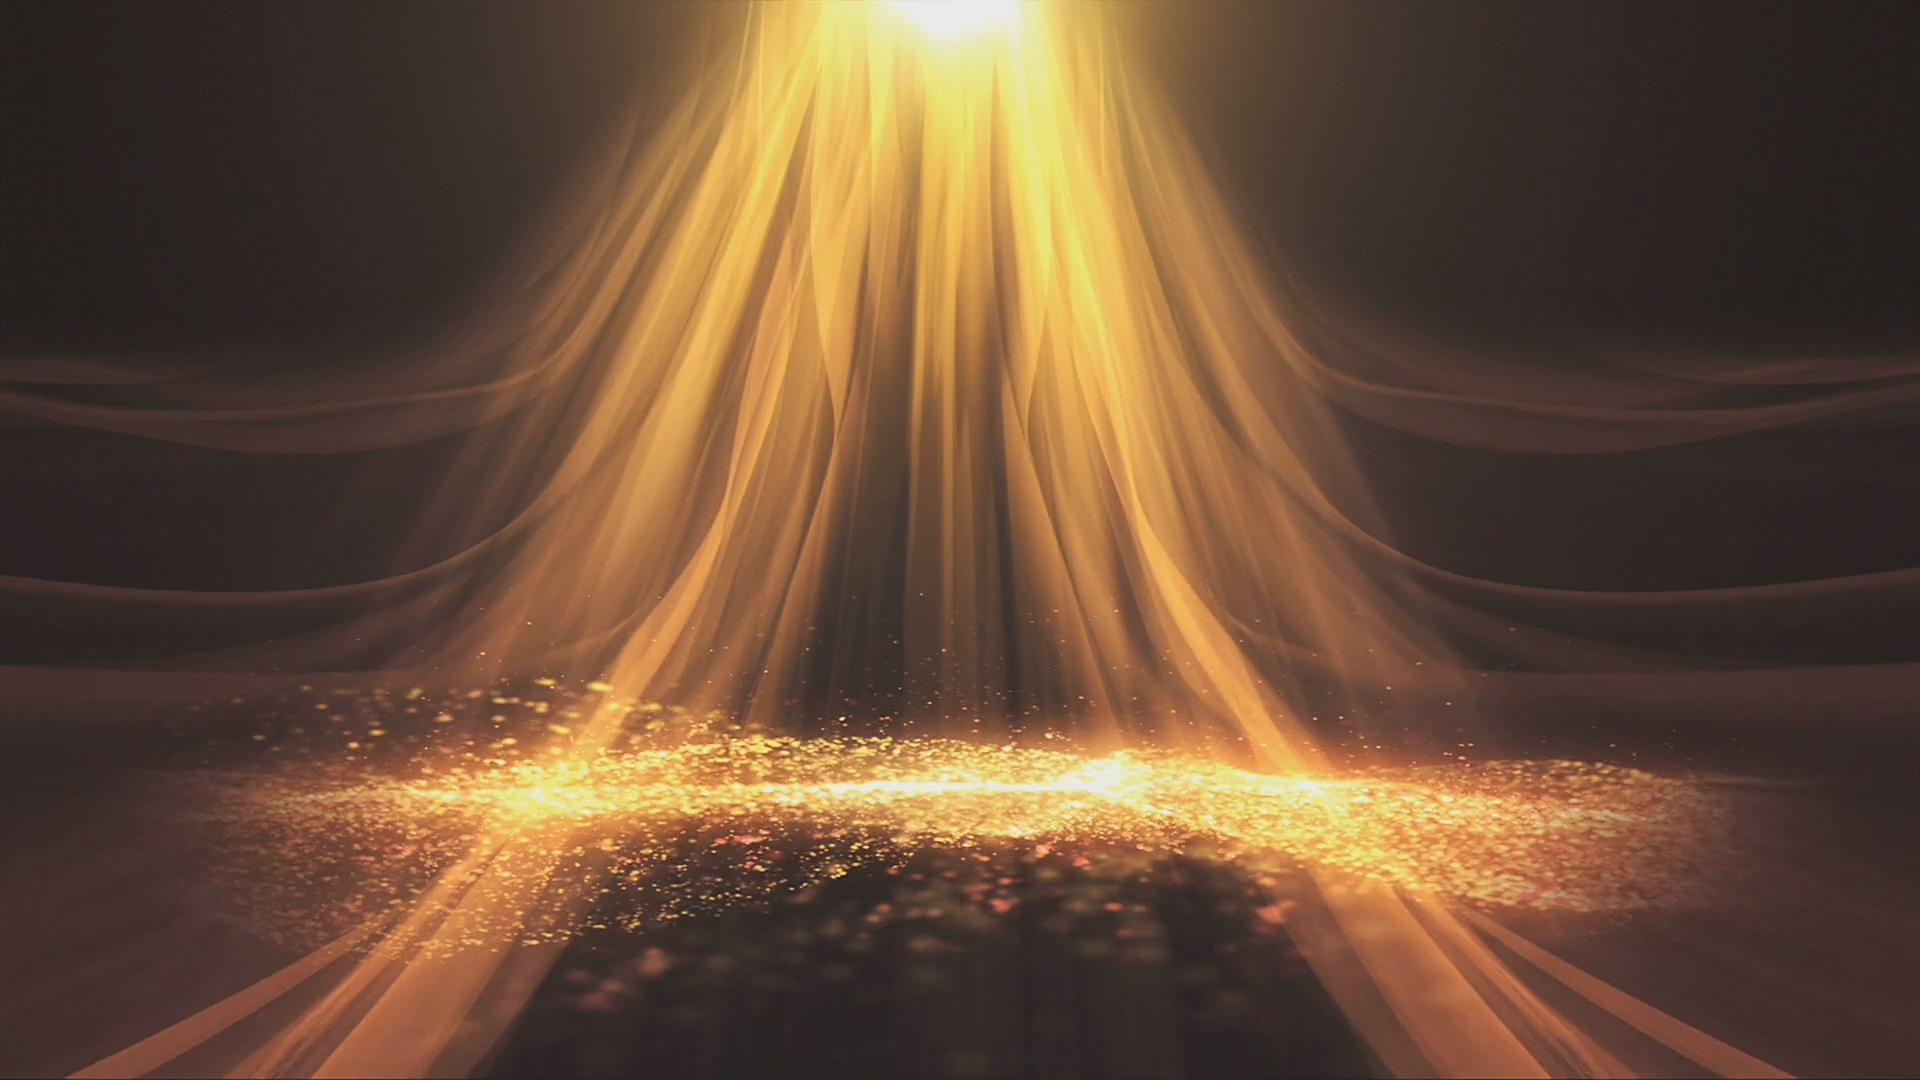 3D全息投影辉煌金色粒子海洋背景视频素材